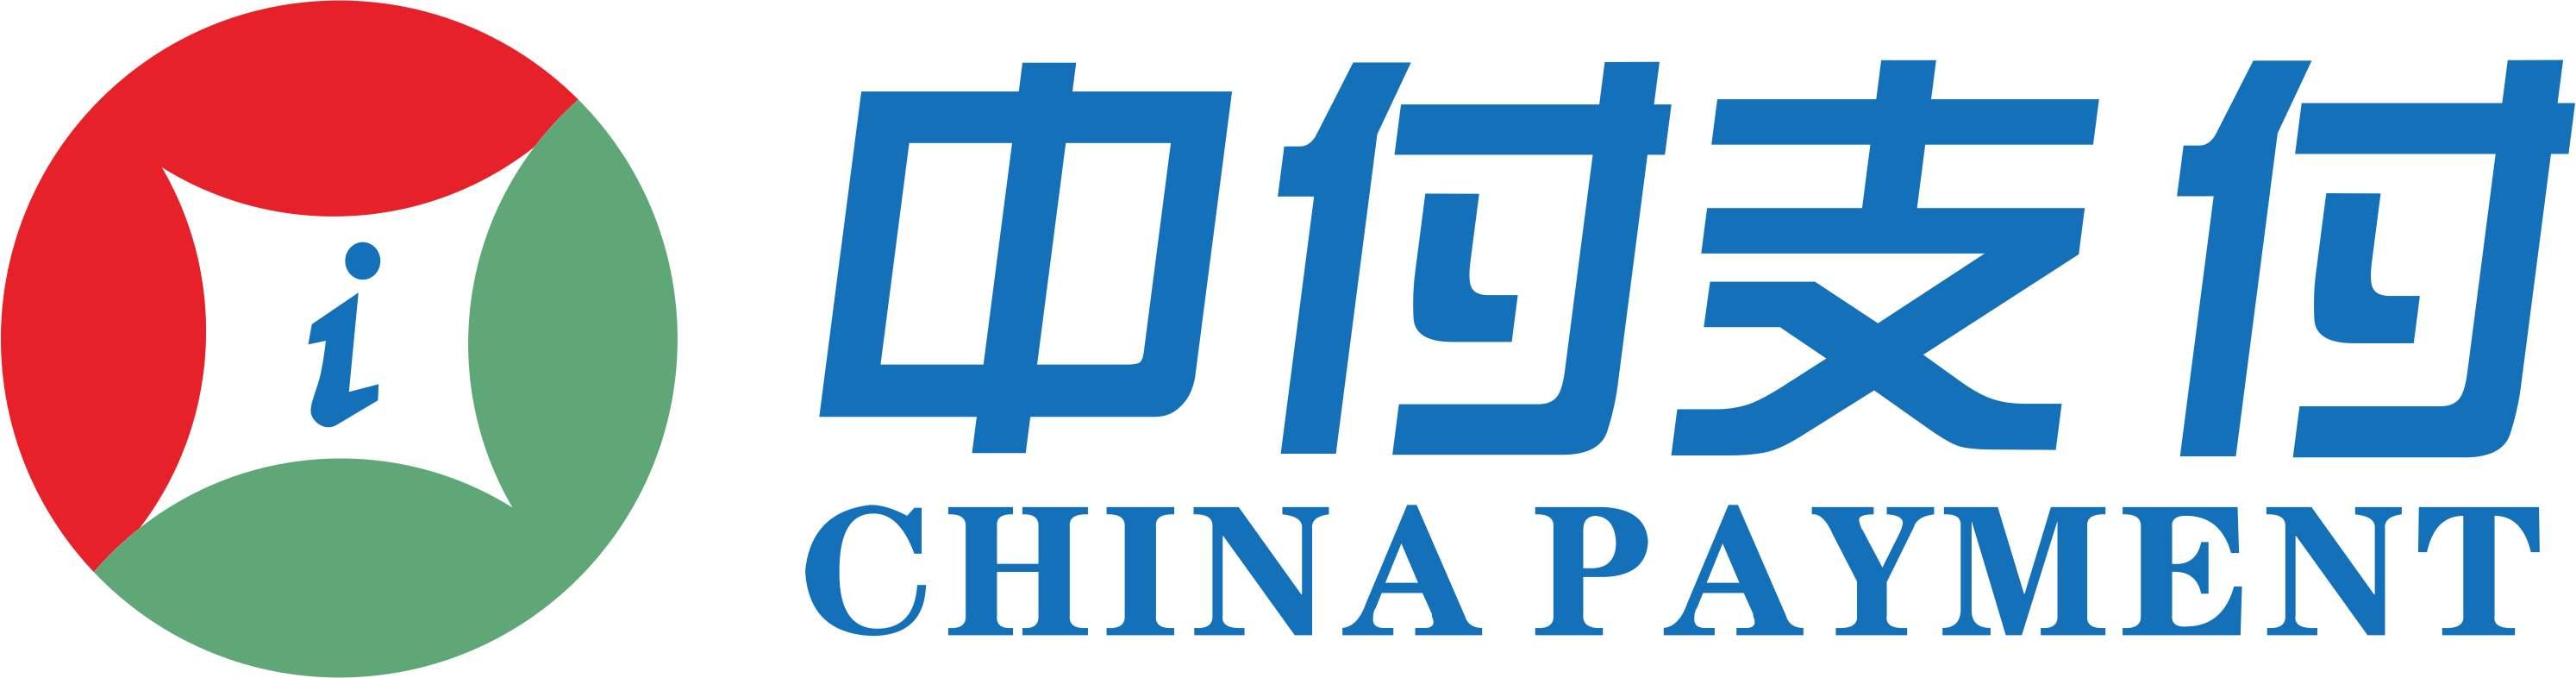 中付支付科技有限公司银川分公司